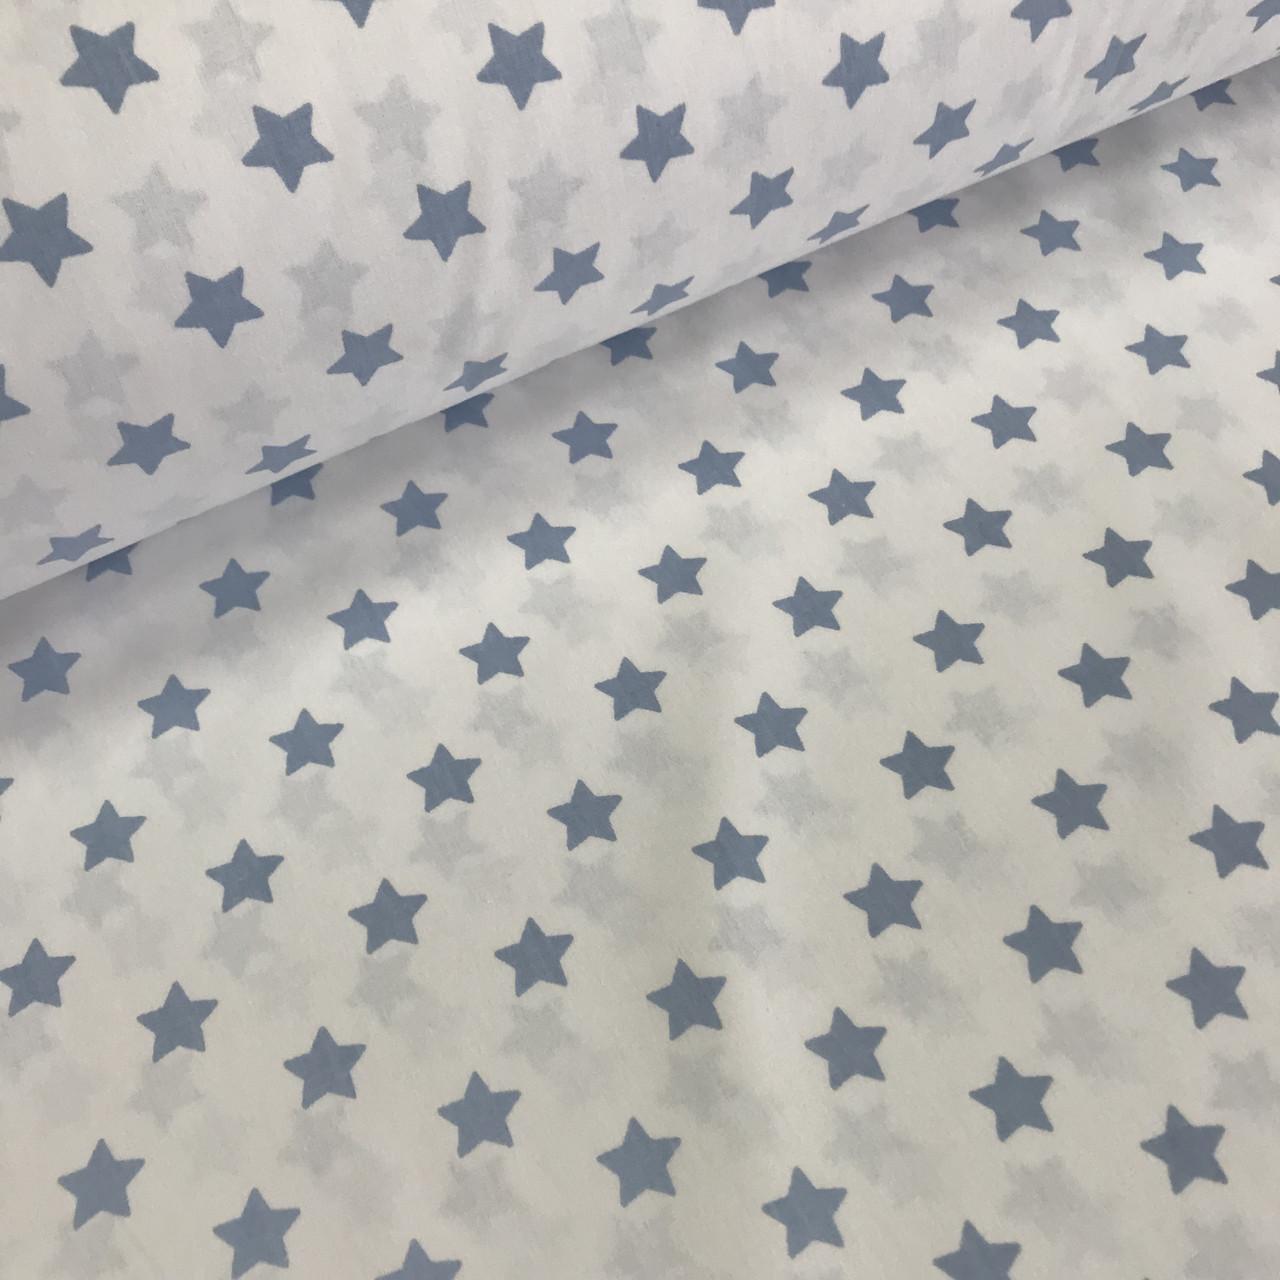 Ткань поплин, звезды средние голубые на белом (ТУРЦИЯ шир. 2,4 м) № 33-33